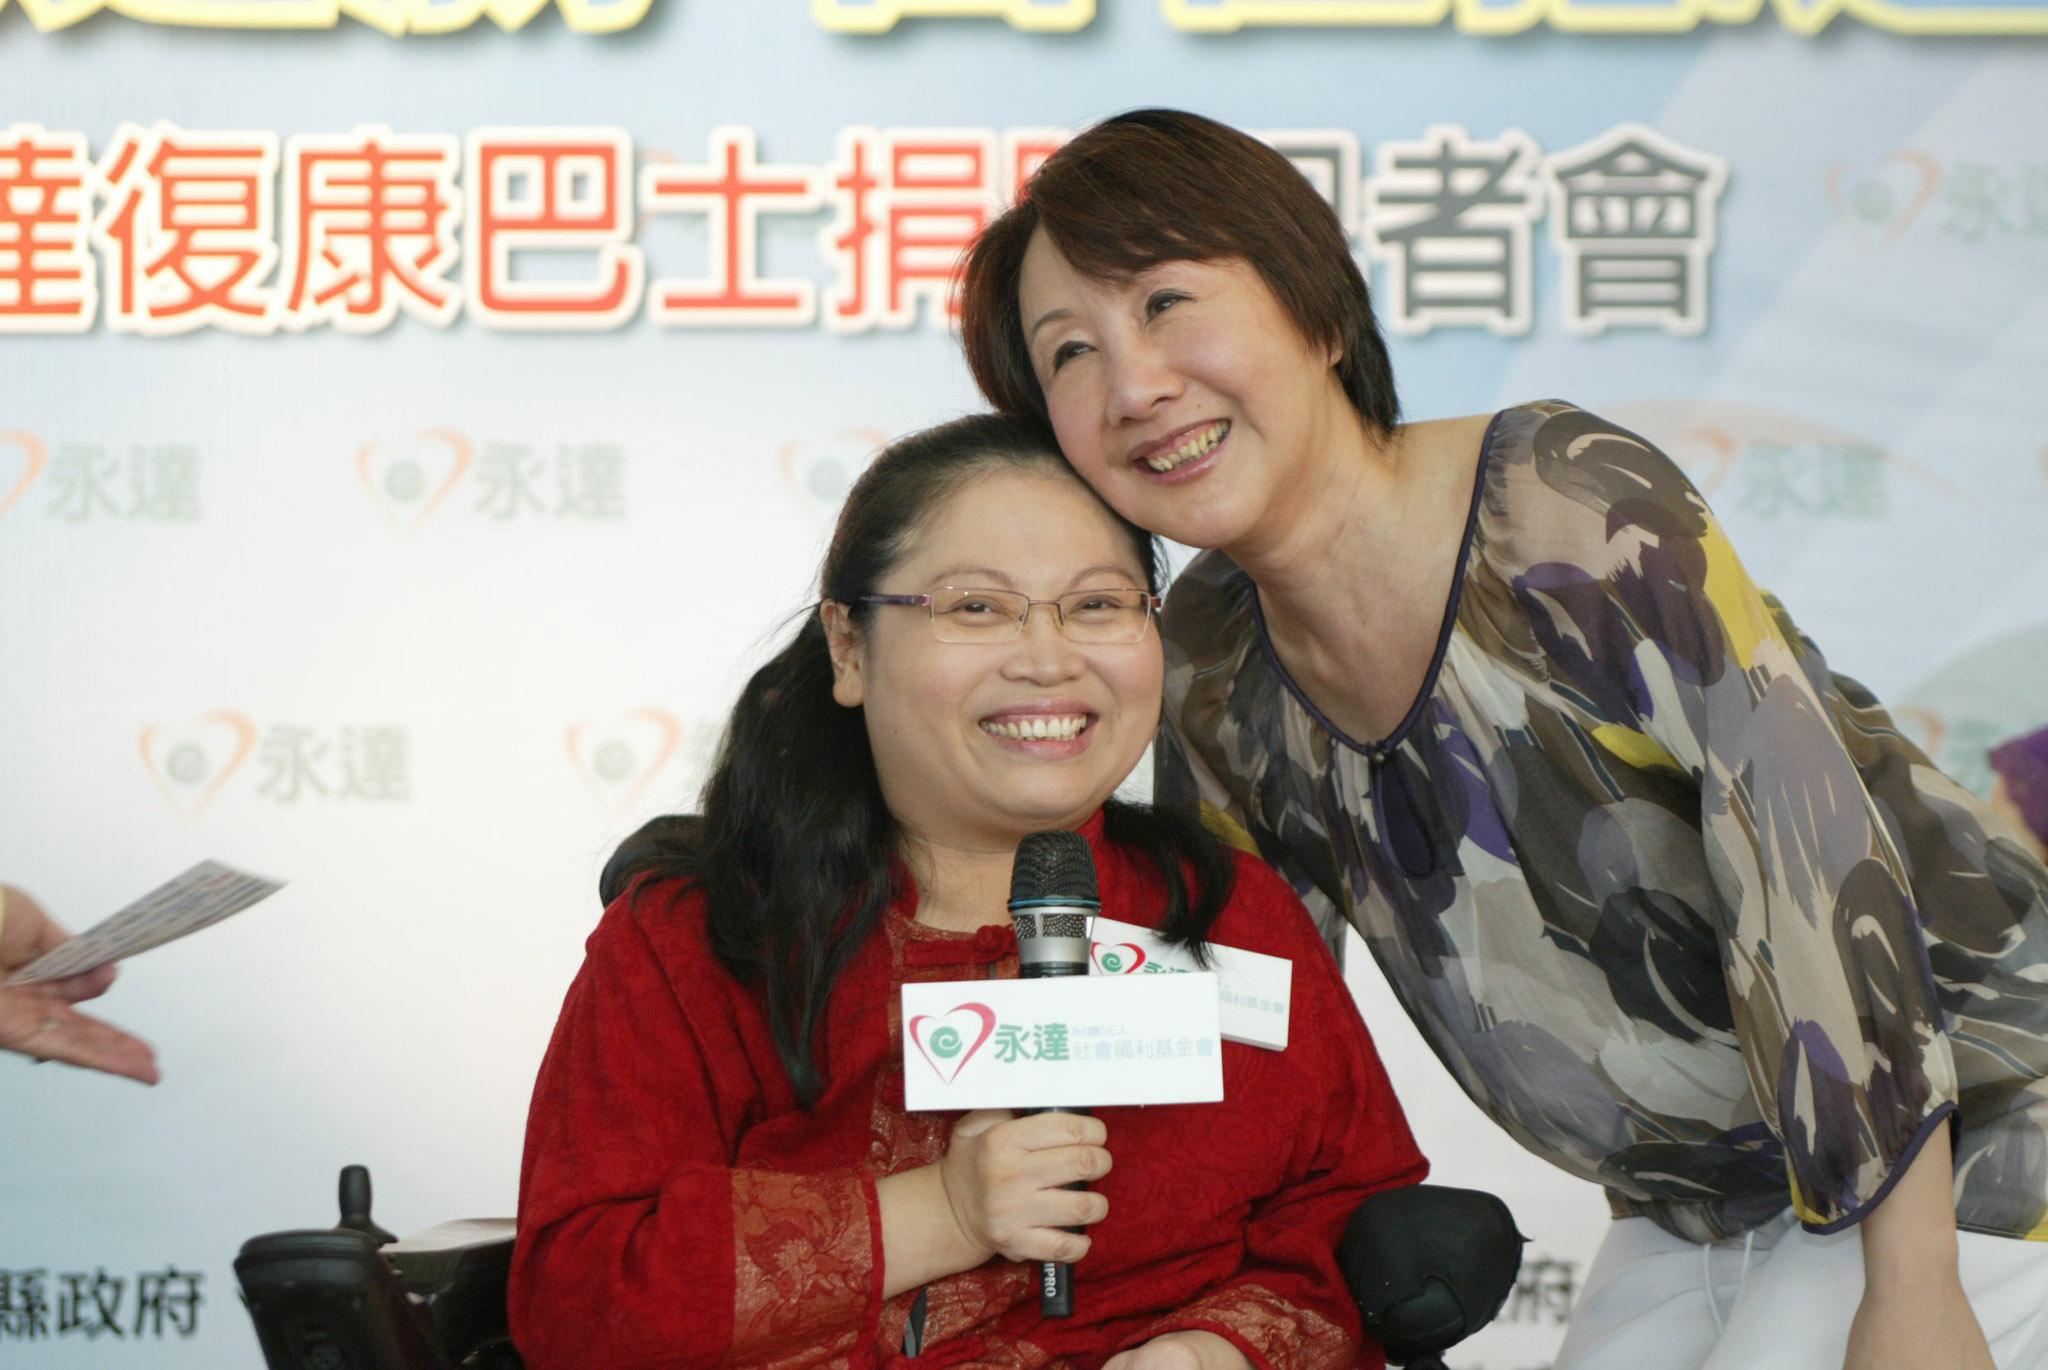 台中市市長夫人邵曉鈴(圖右)為身障者加油打氣。